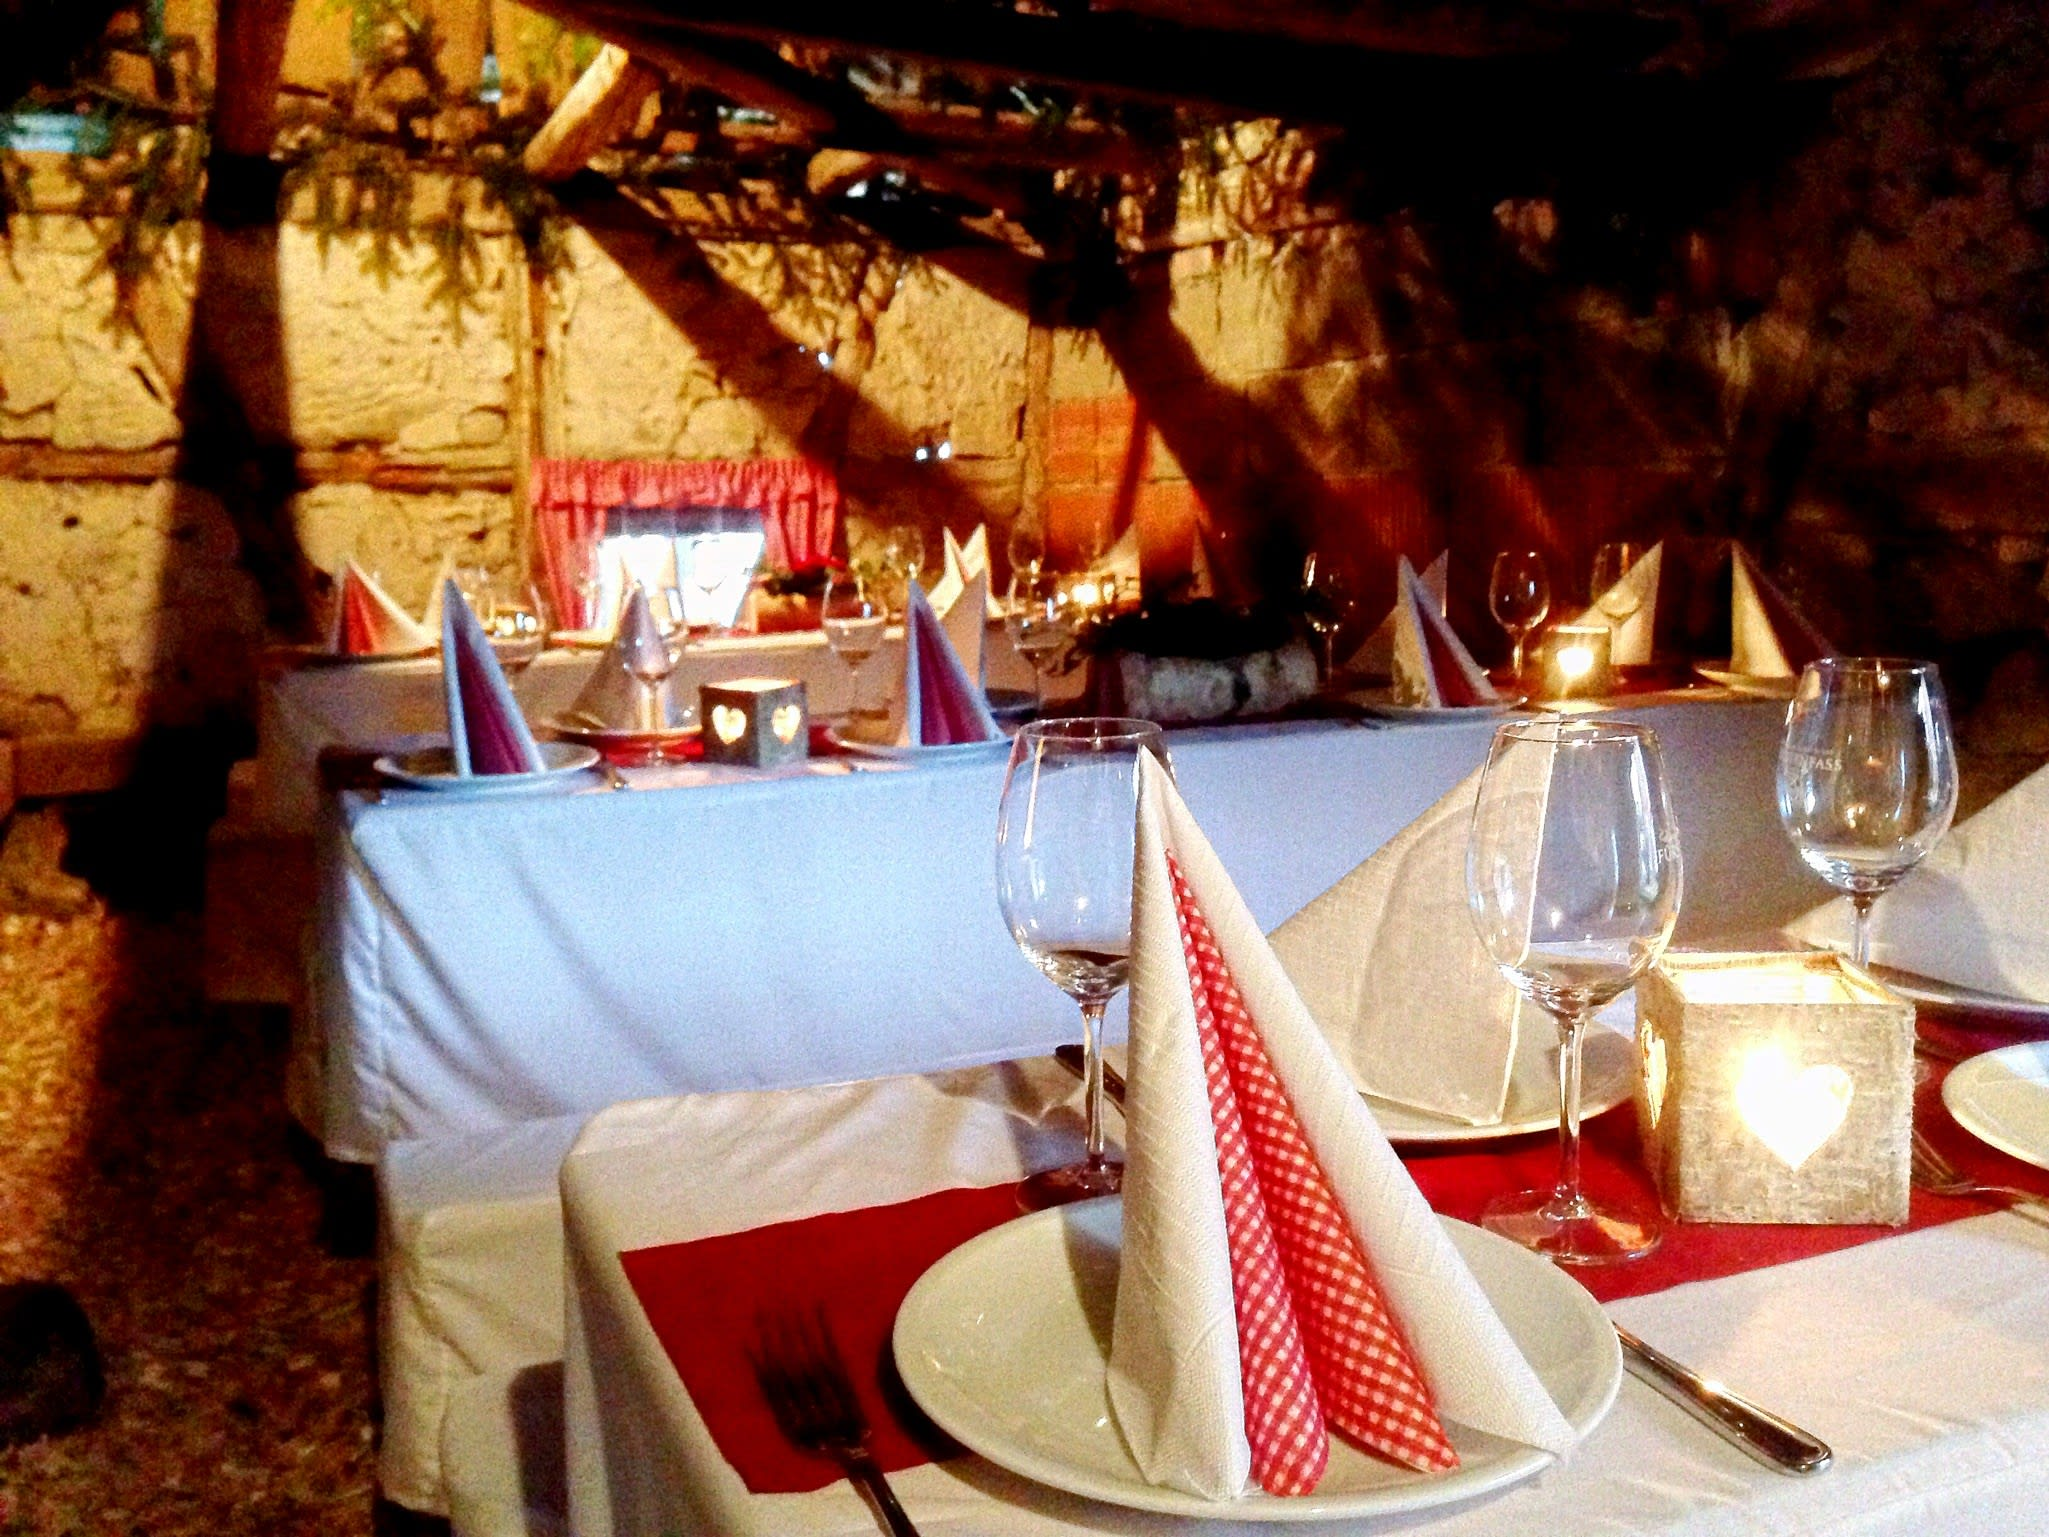 Location im Keller passend dekorierter Tisch